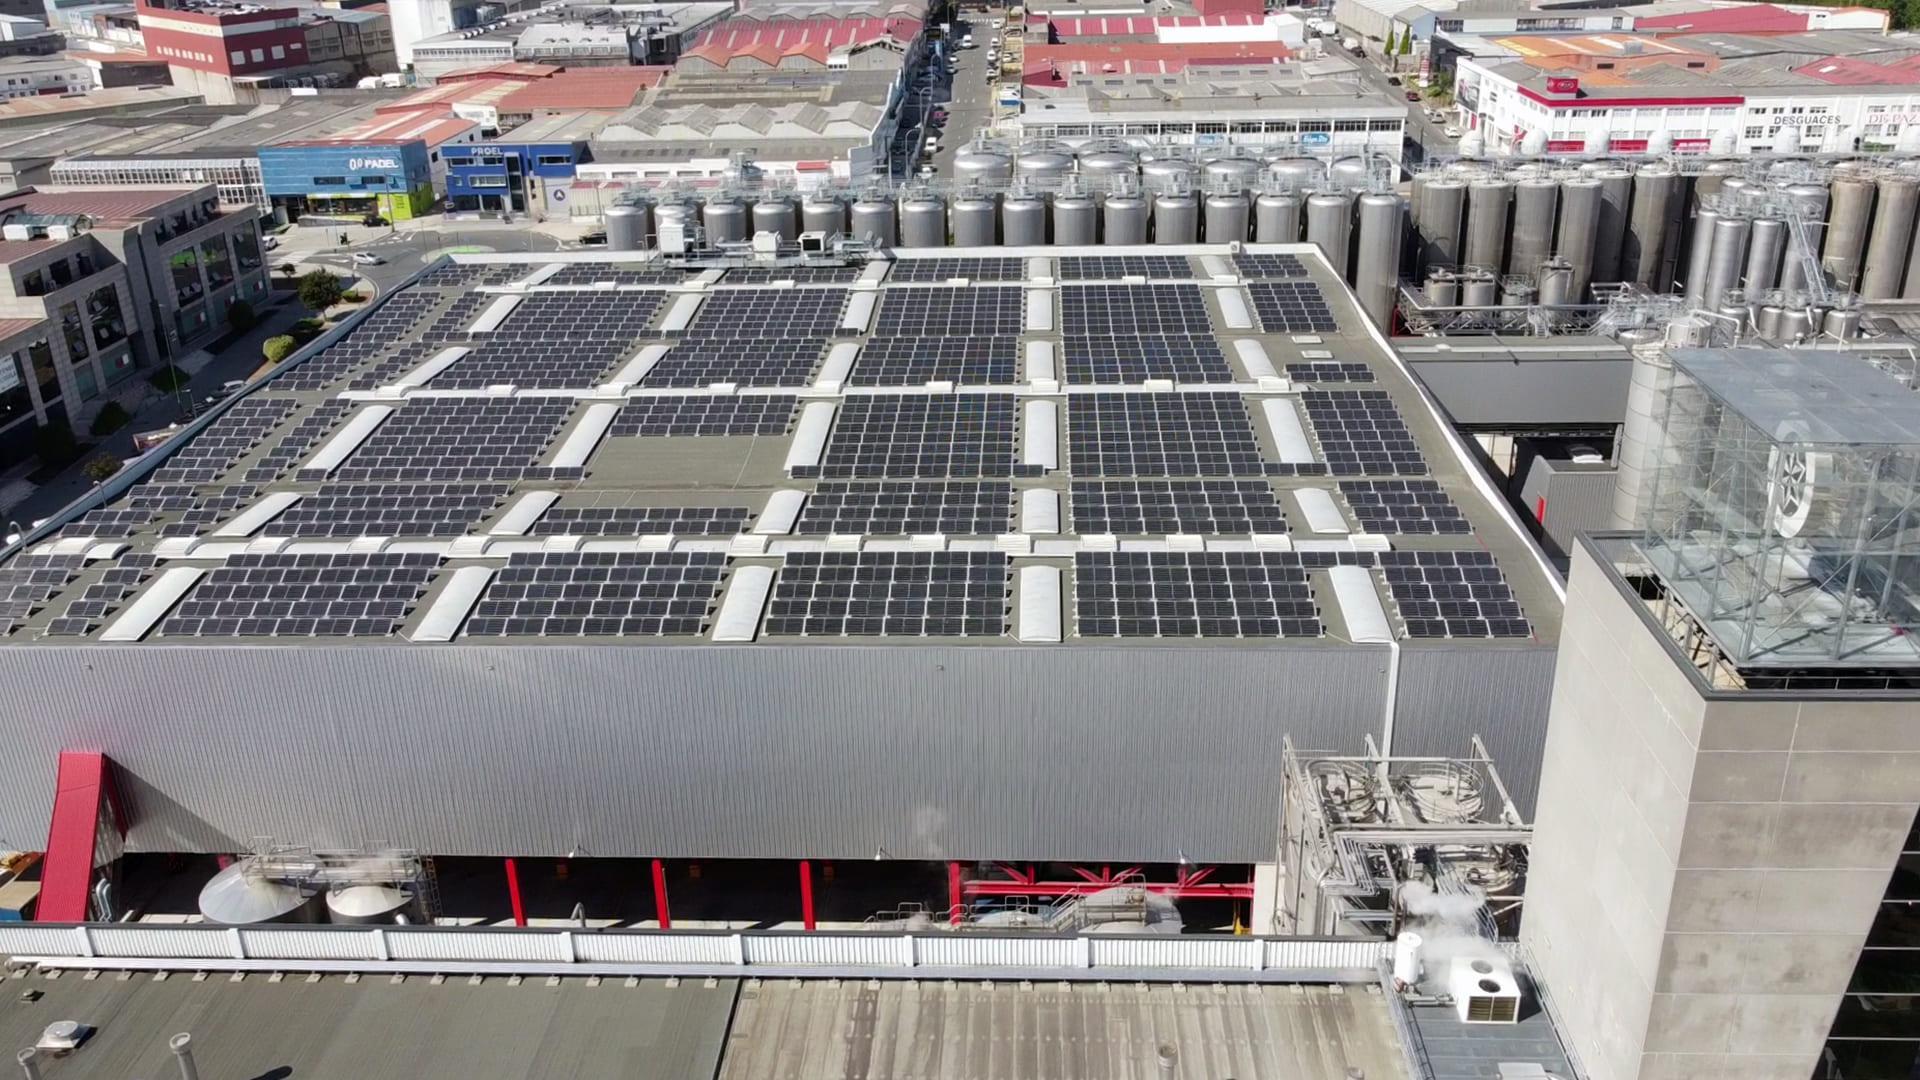 Instalación de autoconsumo fotovoltaico en Estrella Galicia   Eidf Solar